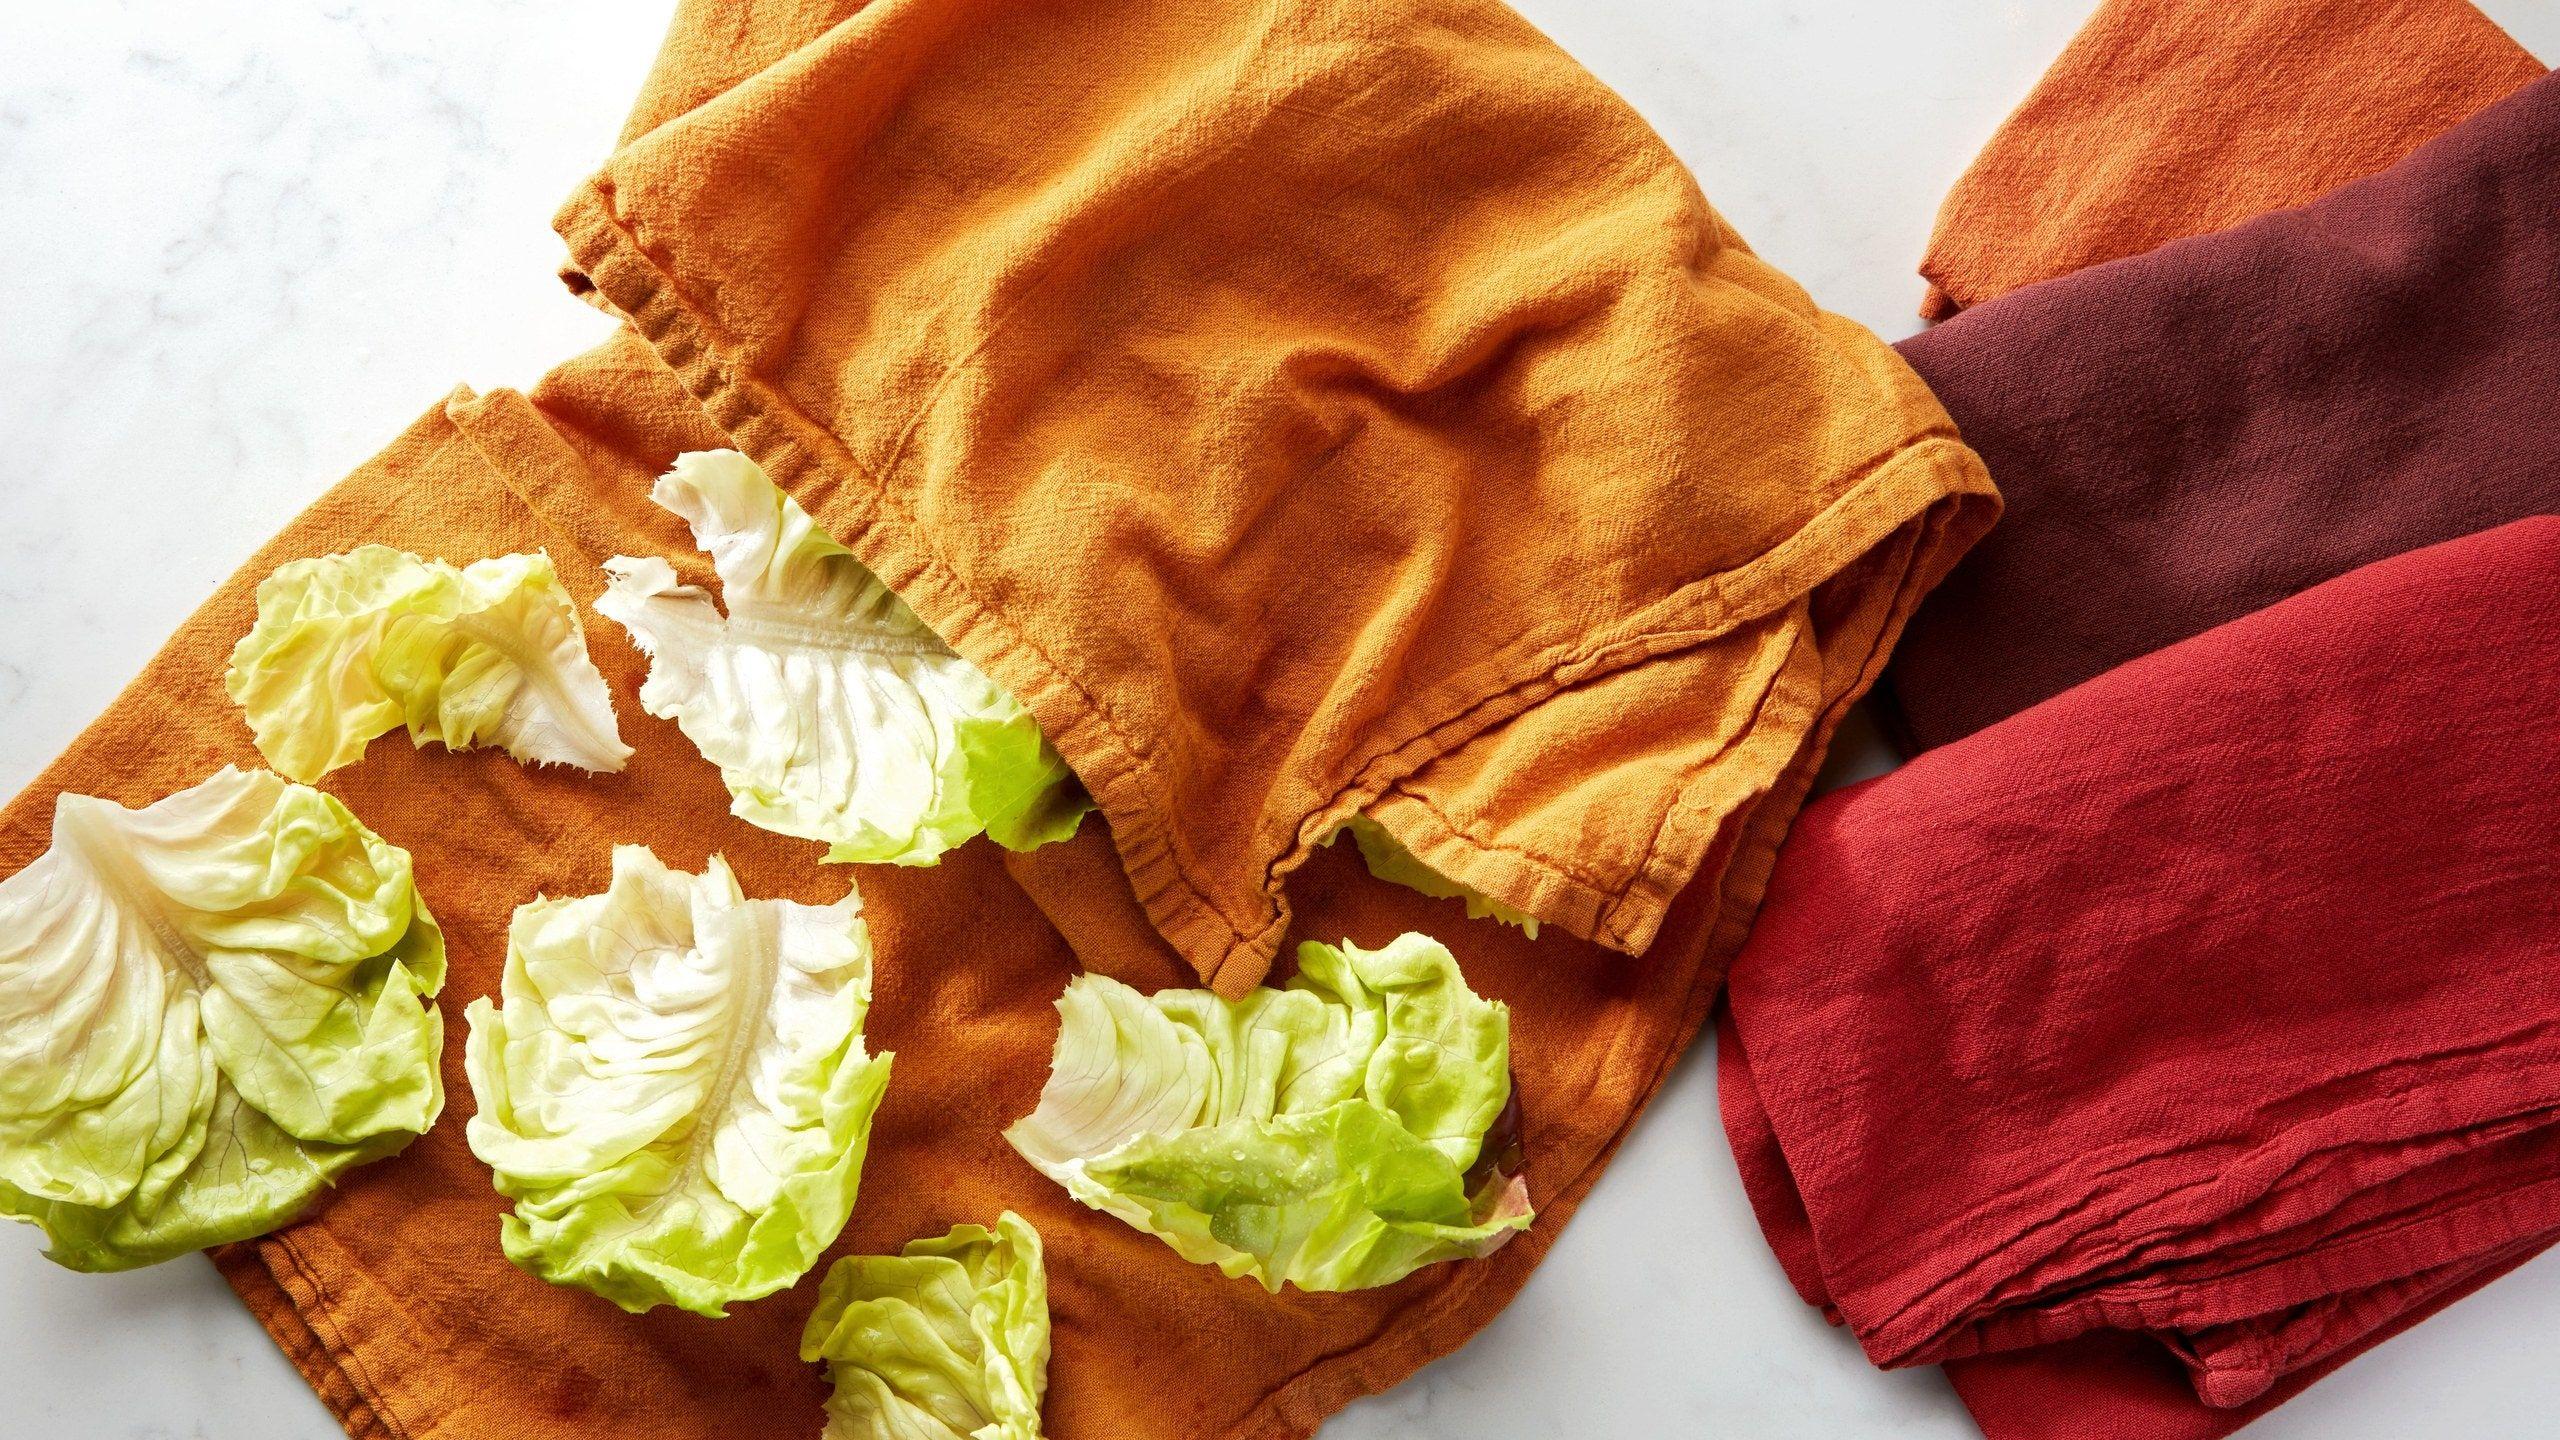 Flour Sack Towels Are The Best Kitchen Towels Flour Sack Towels